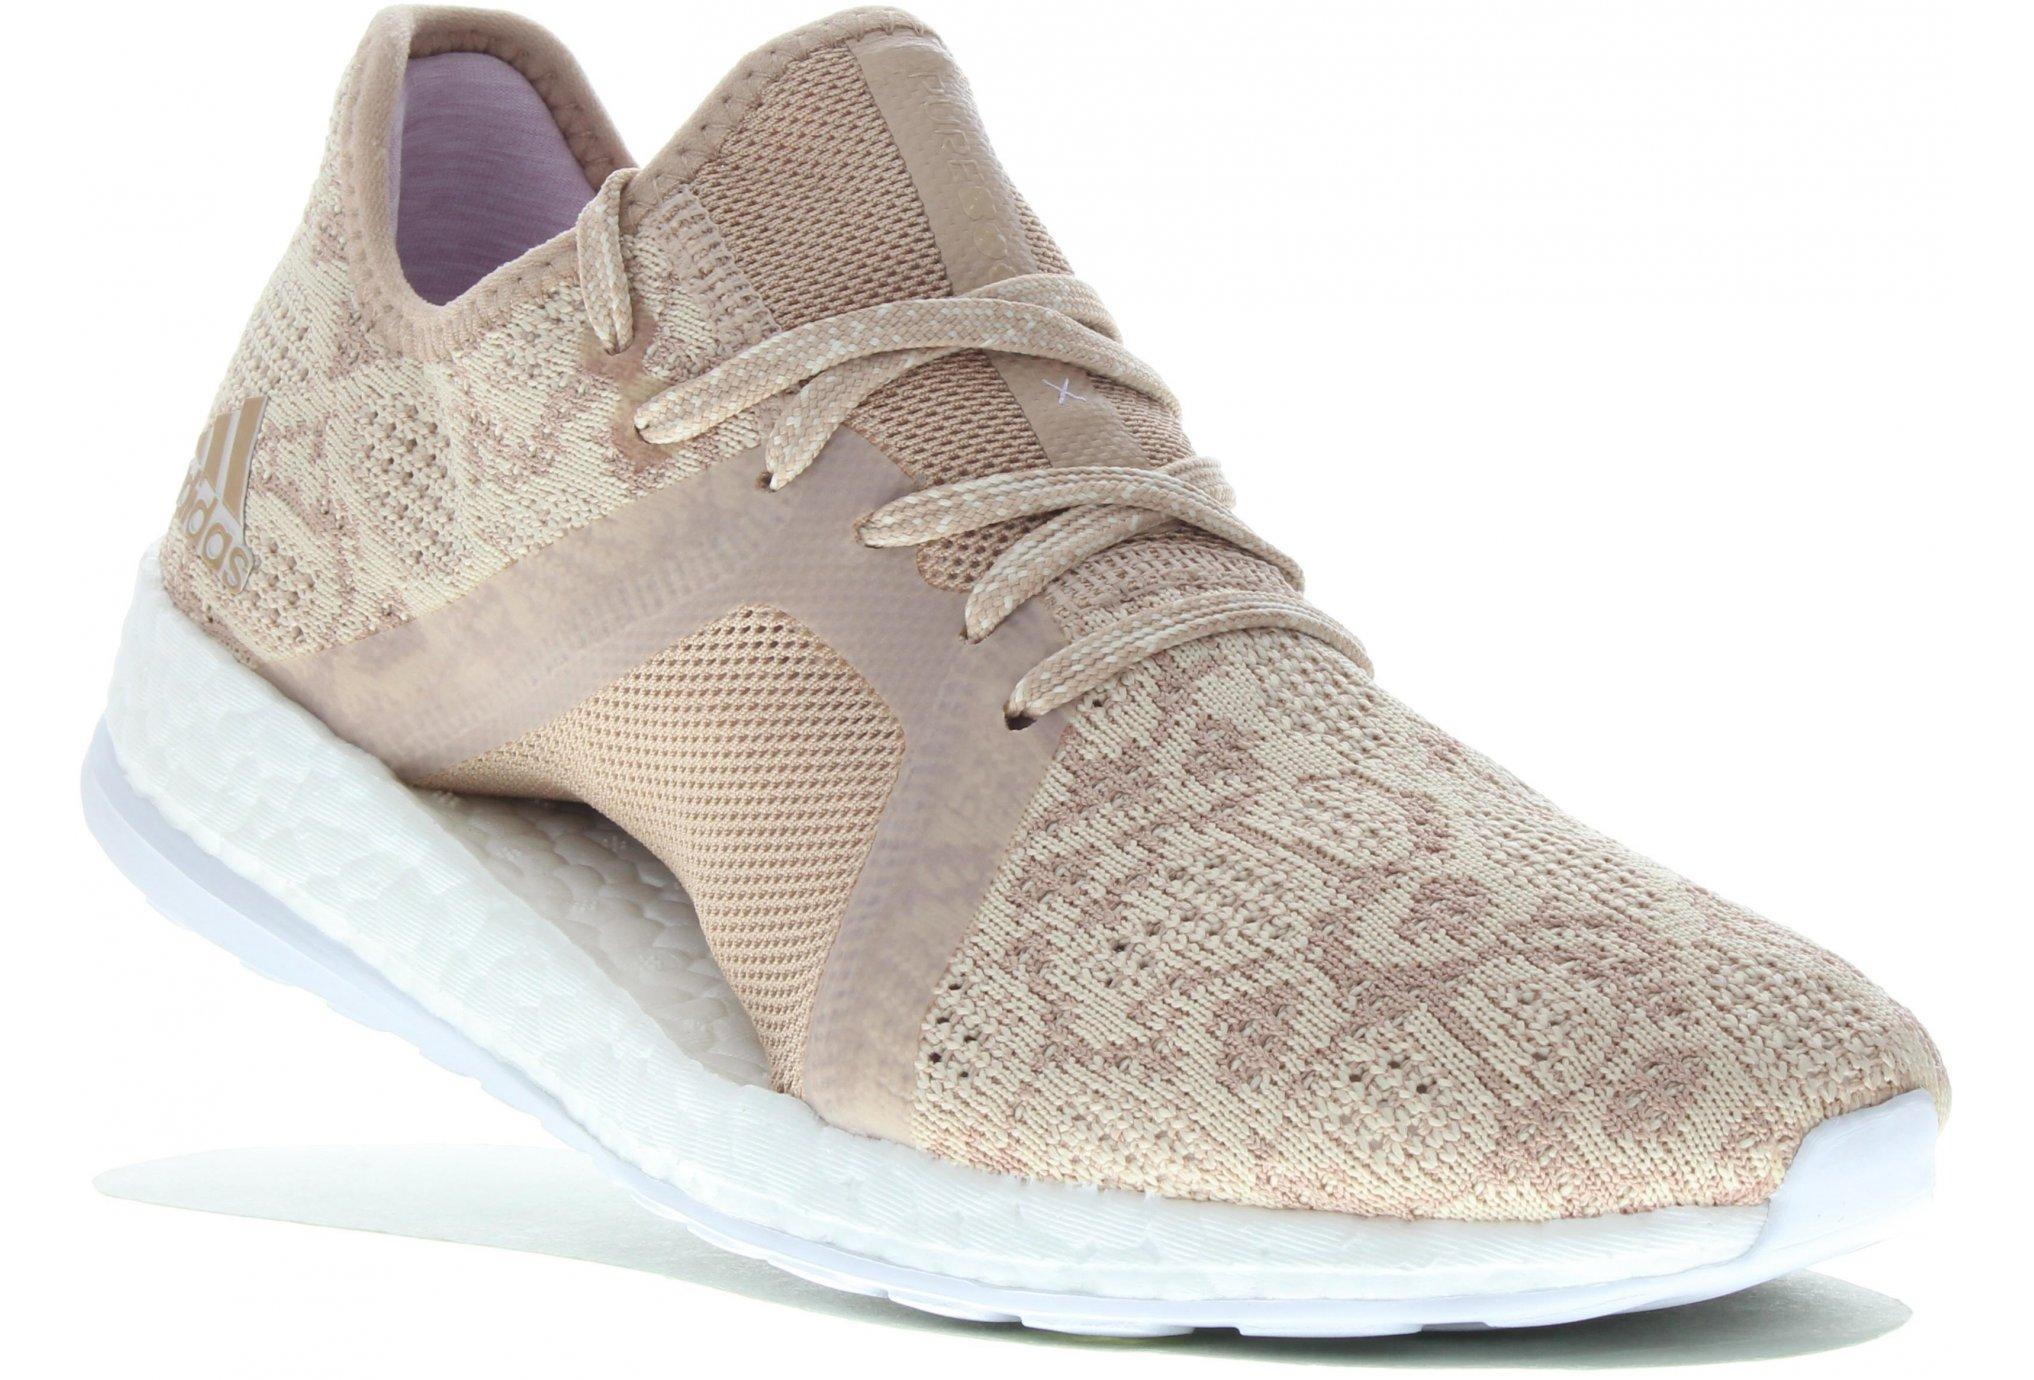 Adidas Pureboost x element w chaussures running femme